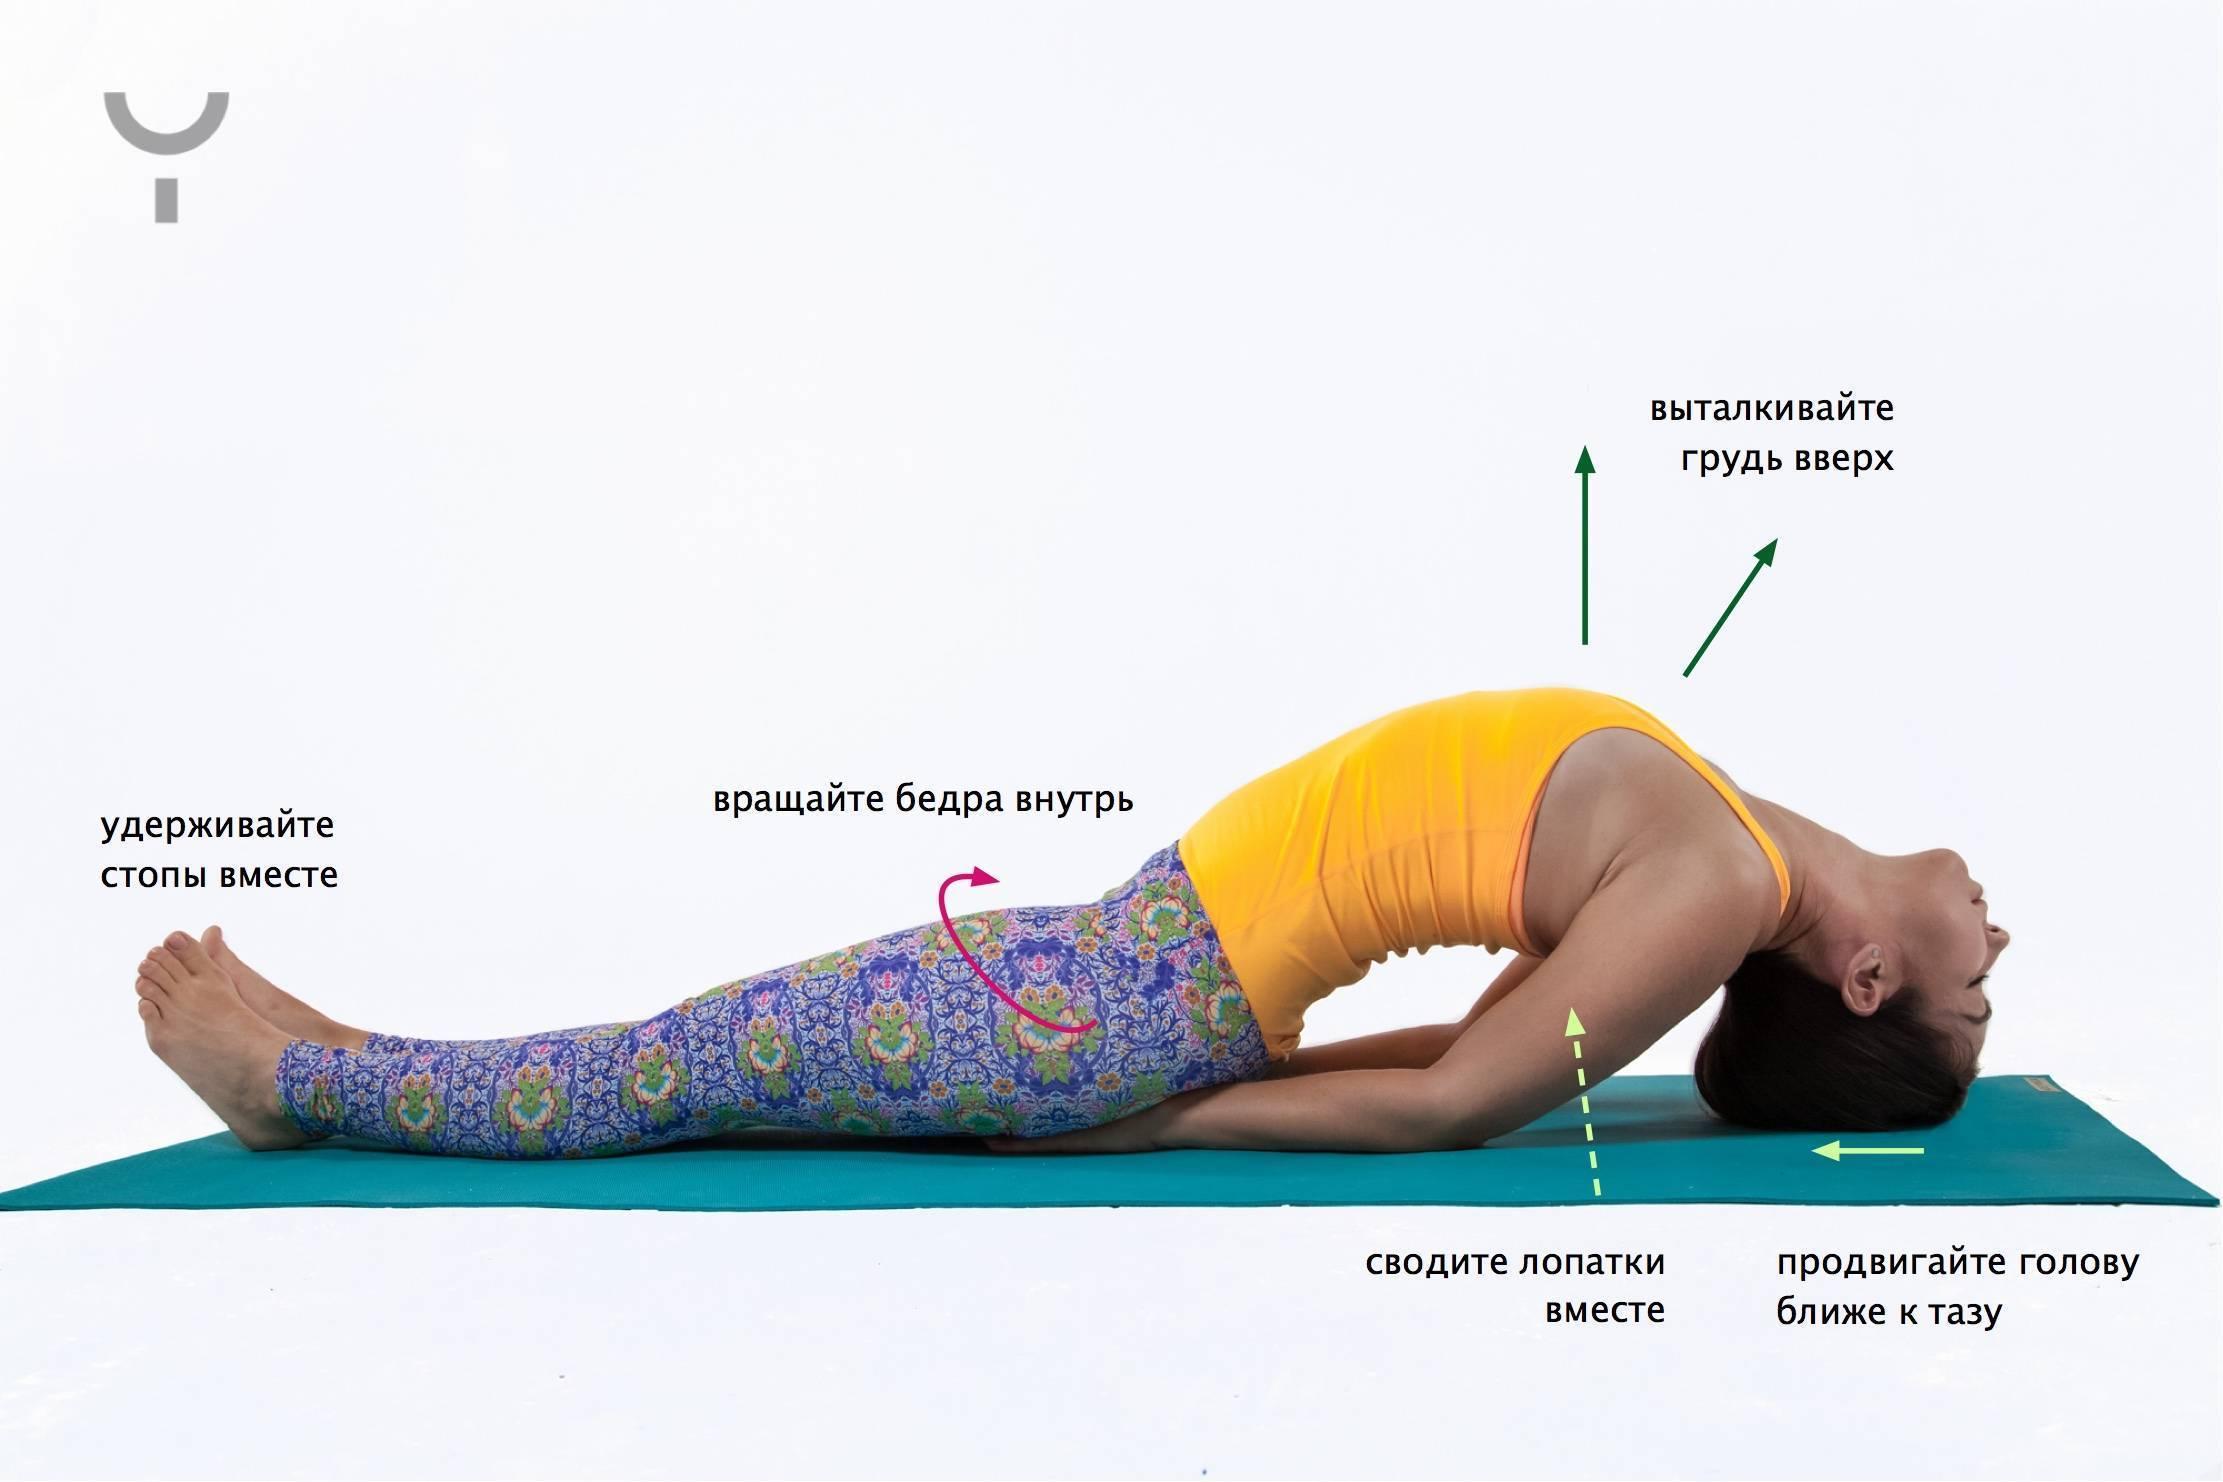 Дханурасана или поза лука в йоге: техника выполнения, польза, противопоказания